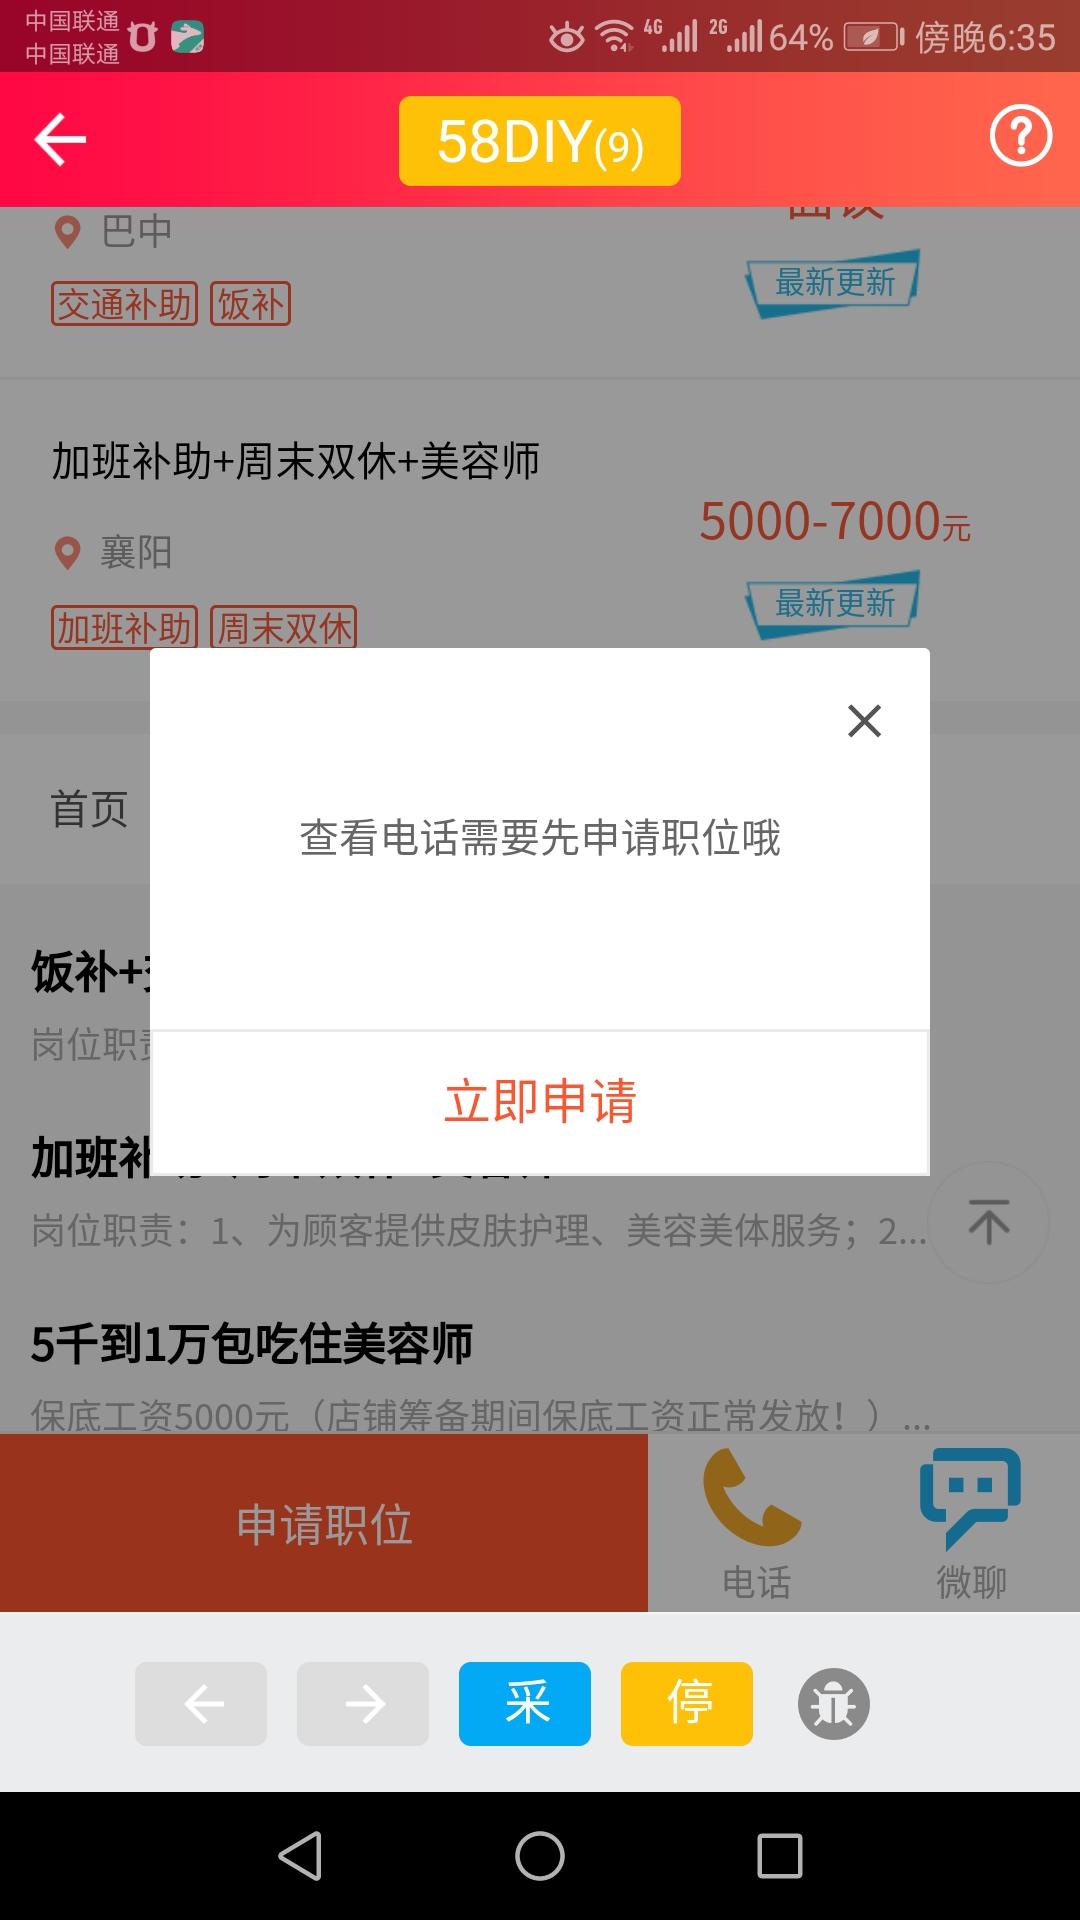 精准采集紧急通知:58同城网站改版,采集功能等待修复!